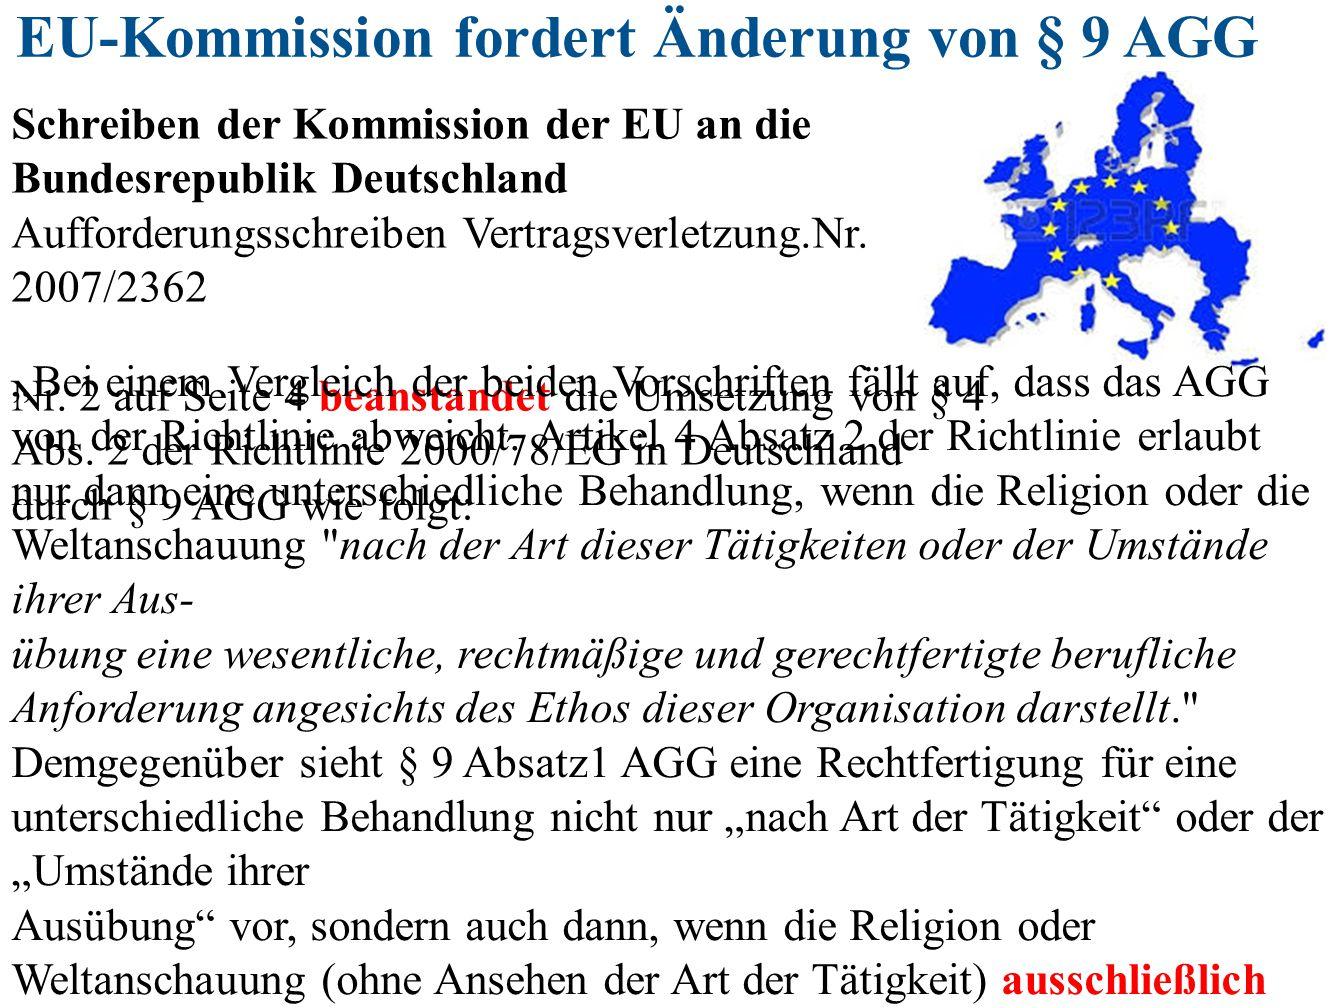 EU-Kommission fordert Änderung von § 9 AGG Schreiben der Kommission der EU an die Bundesrepublik Deutschland Aufforderungsschreiben Vertragsverletzung